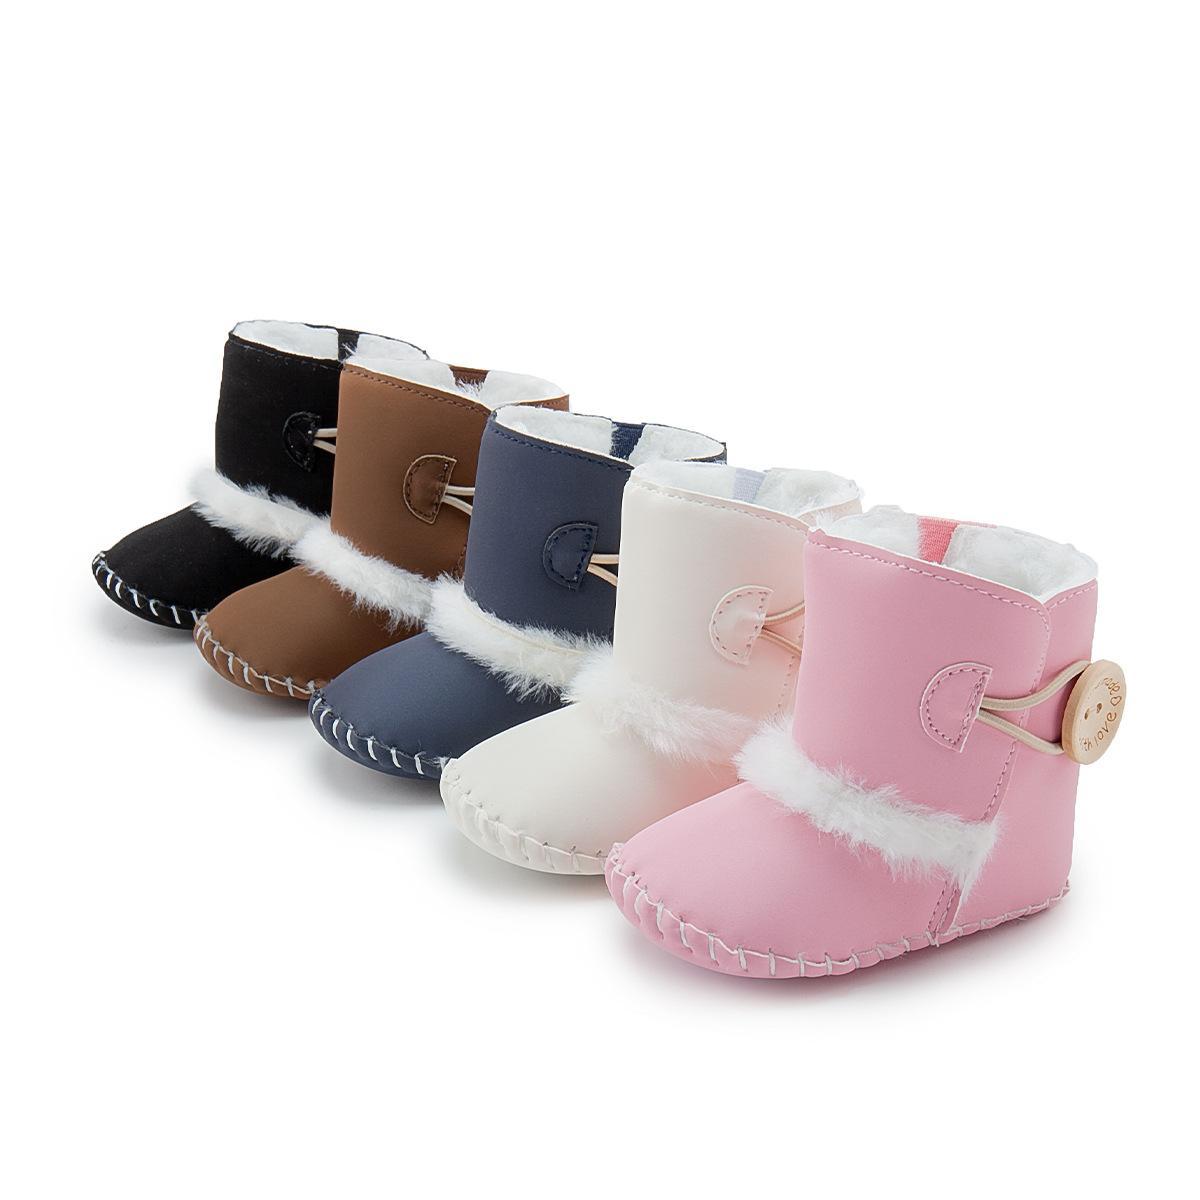 Ny Baby First Walker Shoes Girl's Soft Sole Fleece Boots Spädbarn Vinter Håll Varma Skor